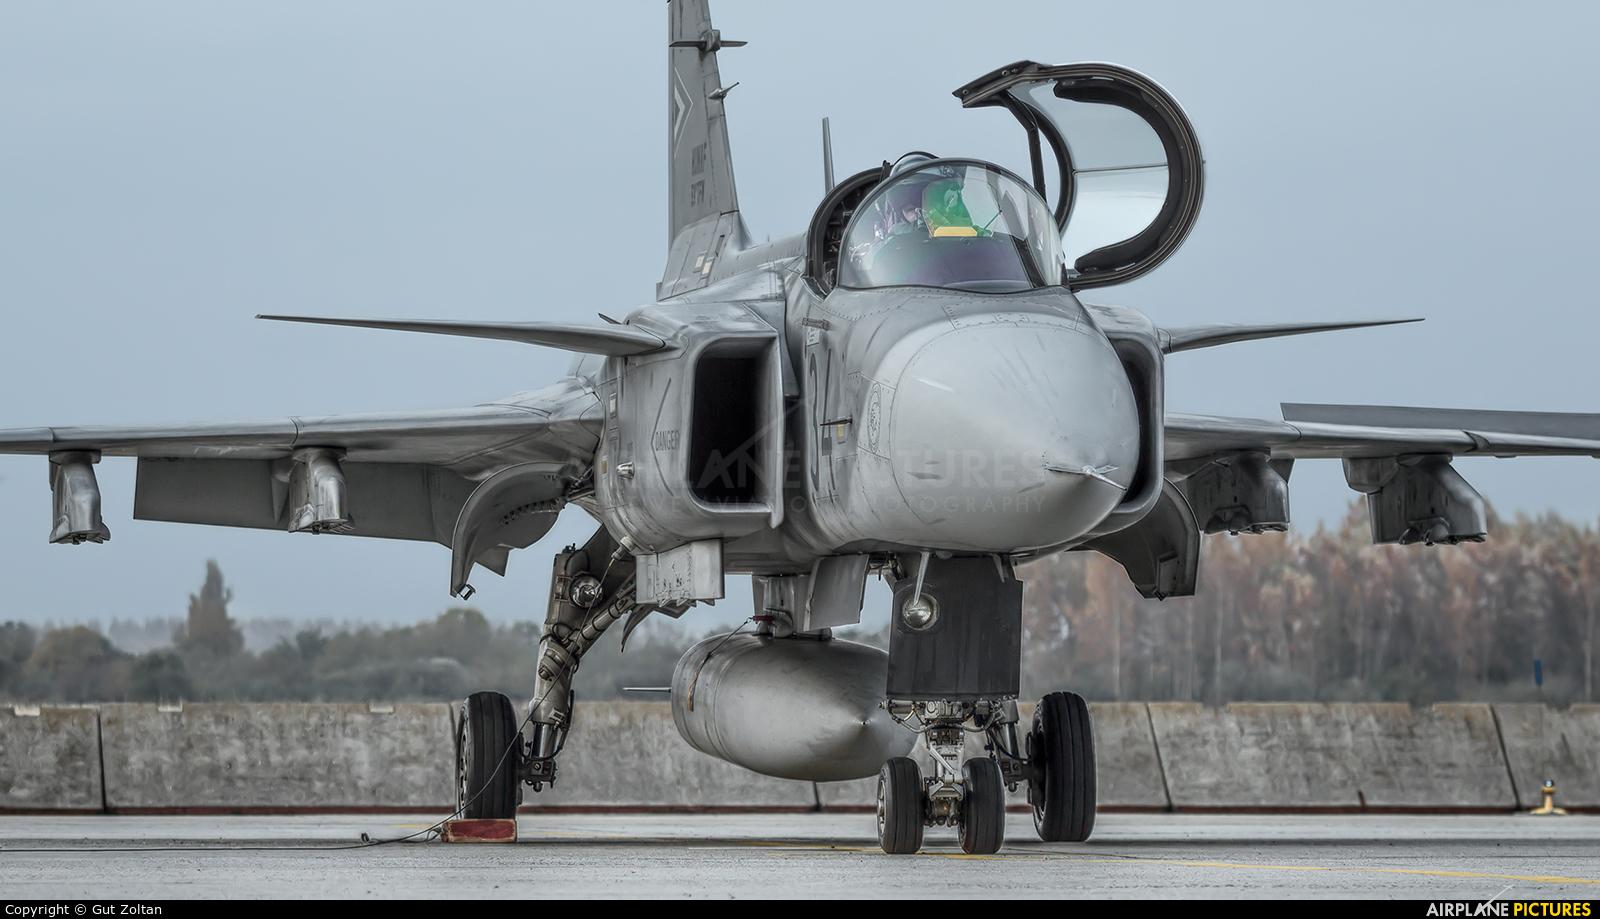 Hungary - Air Force 34 aircraft at Kecskemét